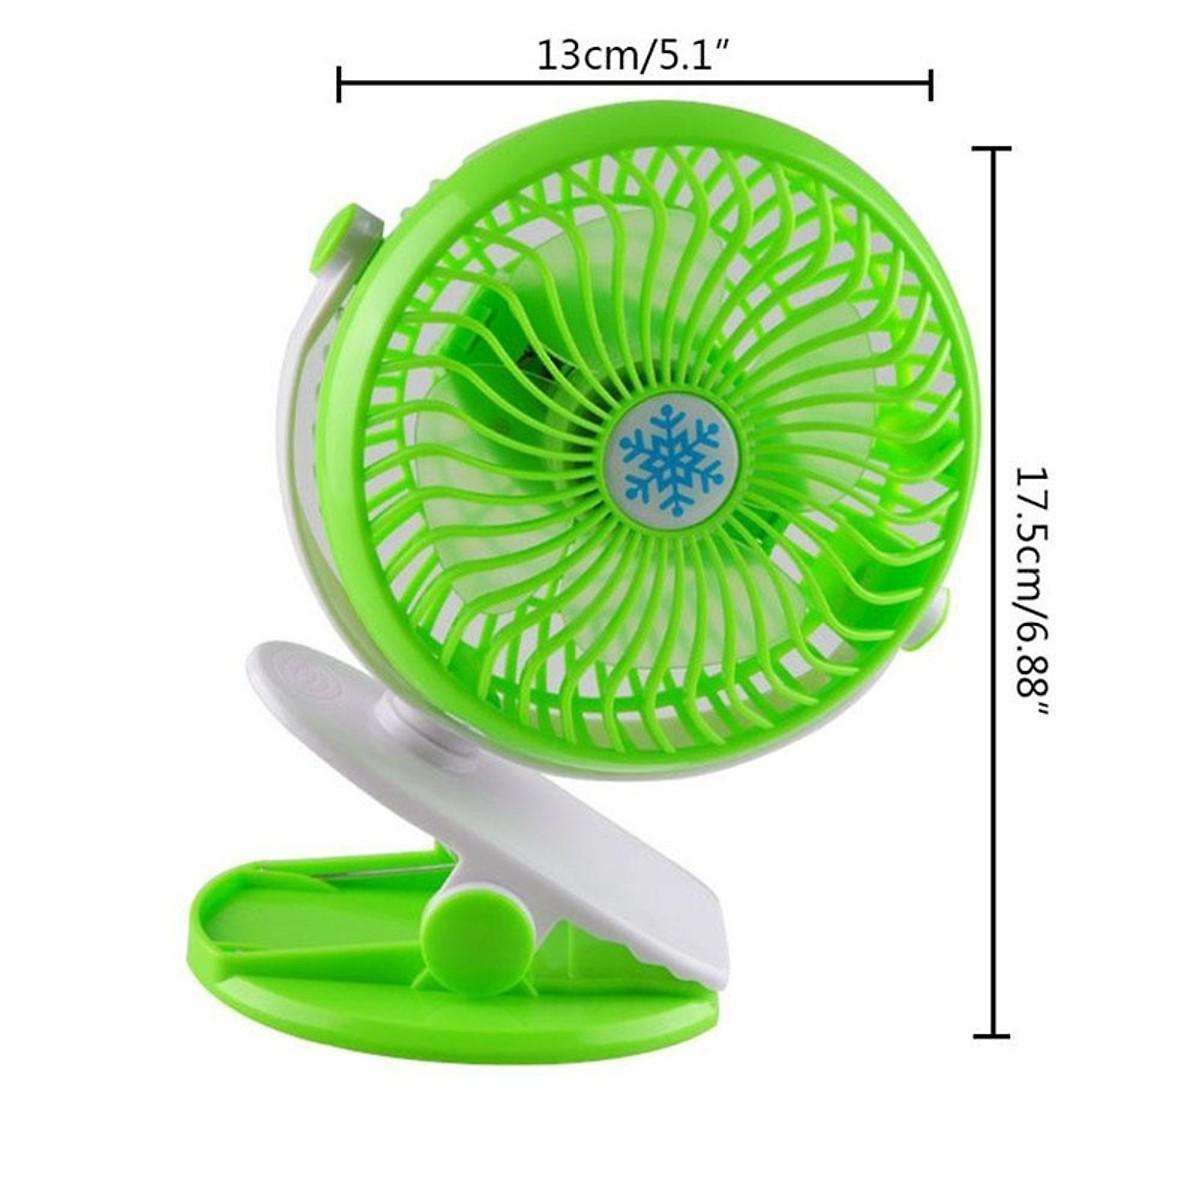 Quạt Mini Sạc Pin Kẹp Bàn Xoay 360 Độ Tiện Dụng ML-F168, Quạt Kẹp Bàn Không Chiếm Không Gian Siêu Mát Mẻ Với 3 Tốc Độ Gió Thông Minh